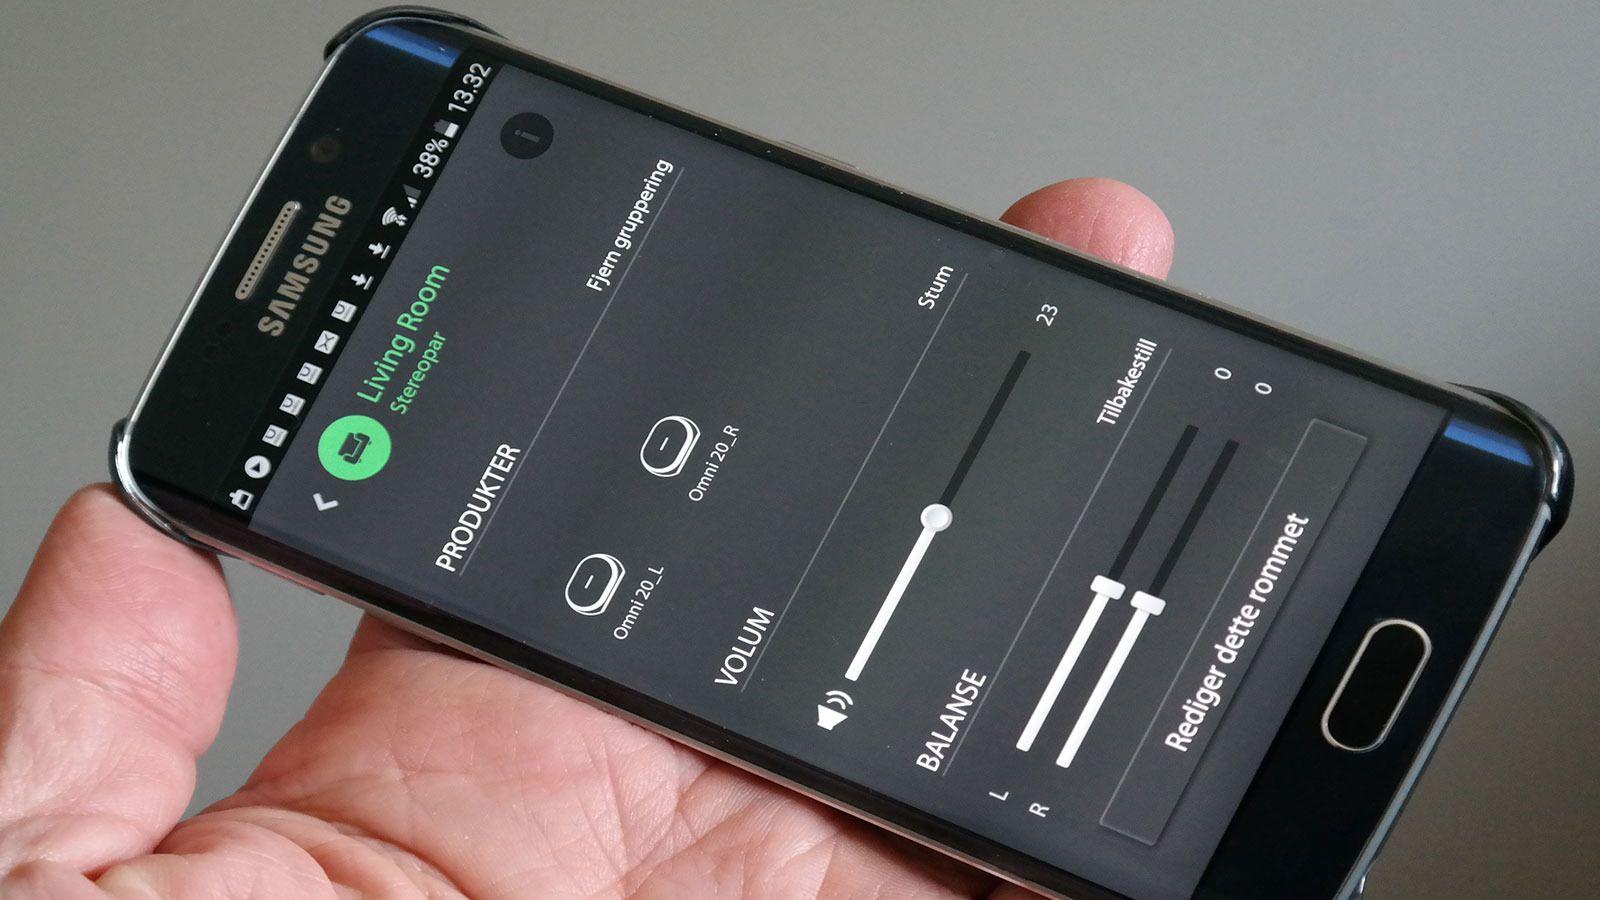 appen hjelper deg med oppsettet, for eksempel gjør den det enkelt å koble sammen høytalere i partymodus (spiller likt) eller som stereopar (spiller hver sin kanal). Foto: Espen Irwing Swang, Tek.no